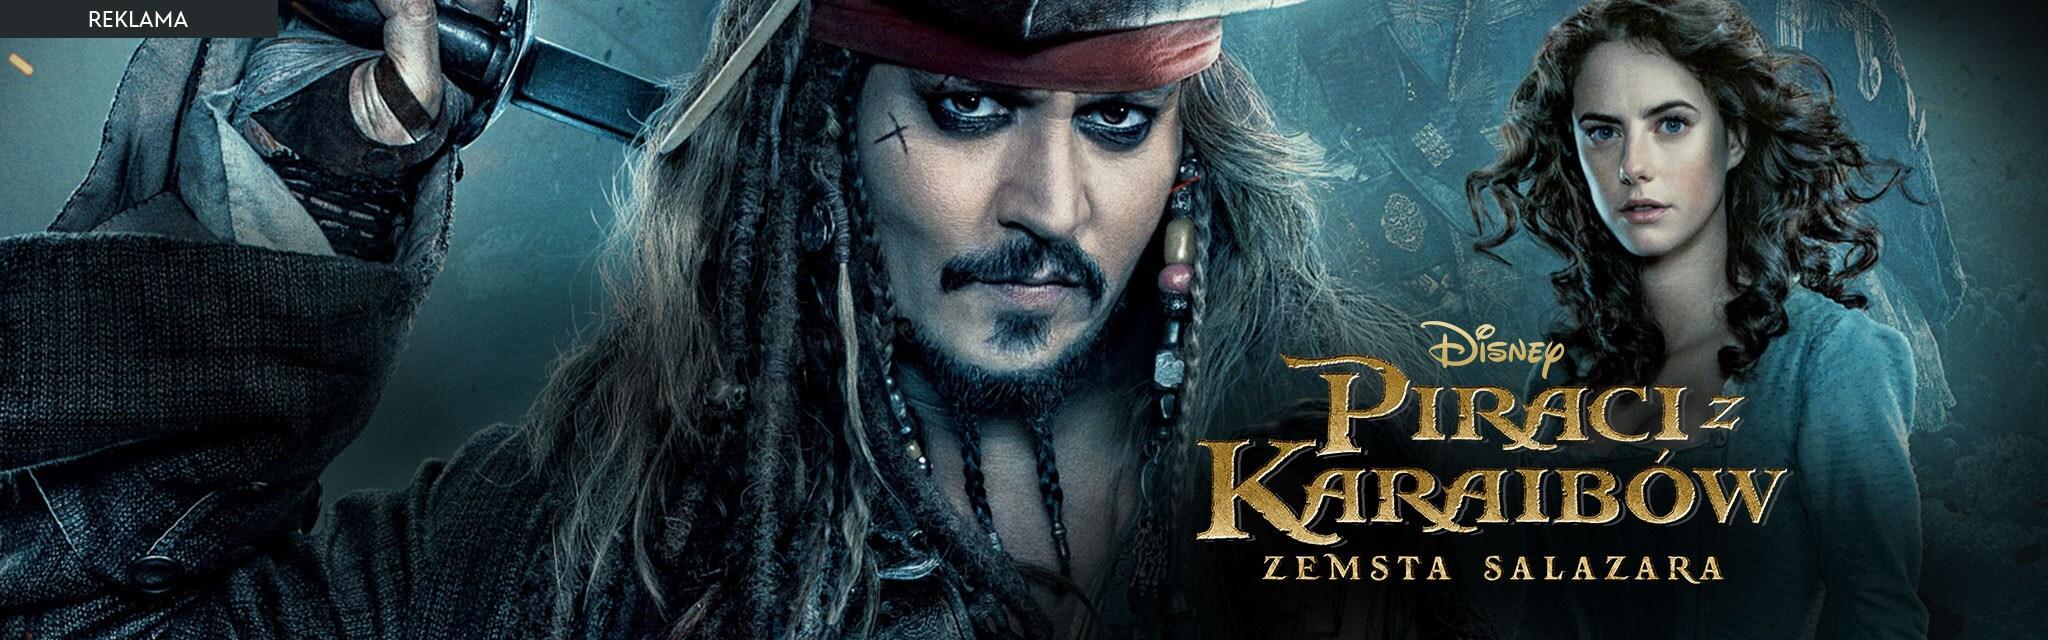 Pirates of the Caribbean 5 - Digital Download - FW Hero